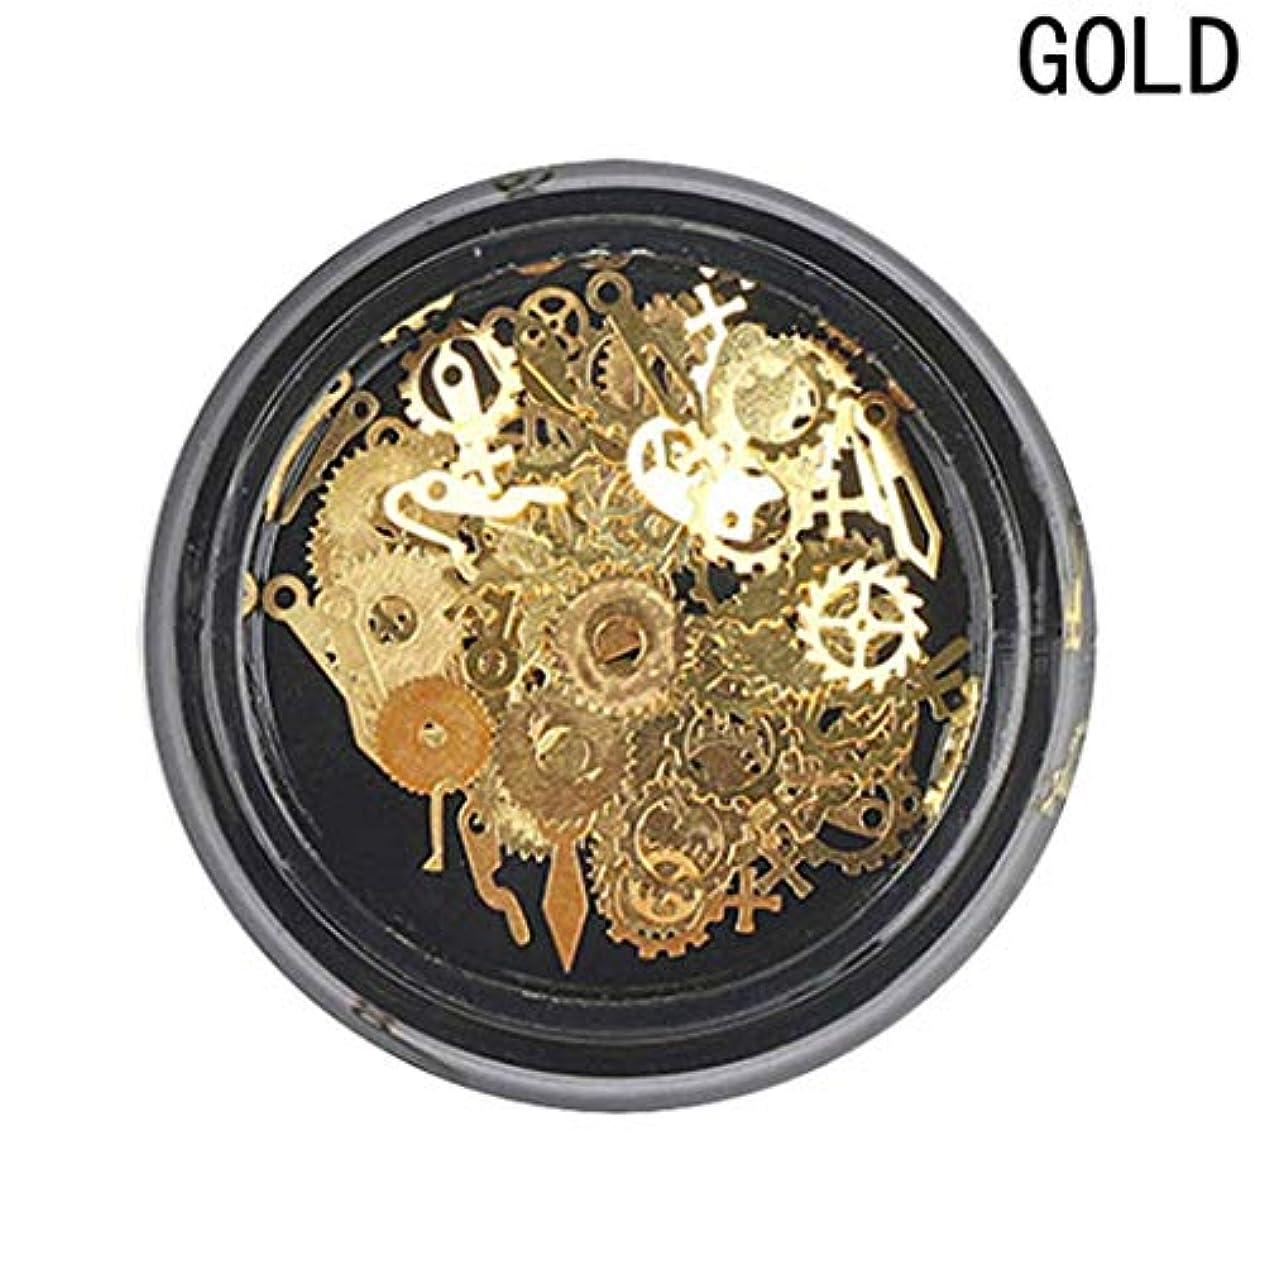 買収小間きしむWadachikis ベストセラーファッションユニークな合金蒸気パンクギアネイルアート装飾金属スタイルの創造的な女性の爪DIYアクセサリー1ボックス(None golden)